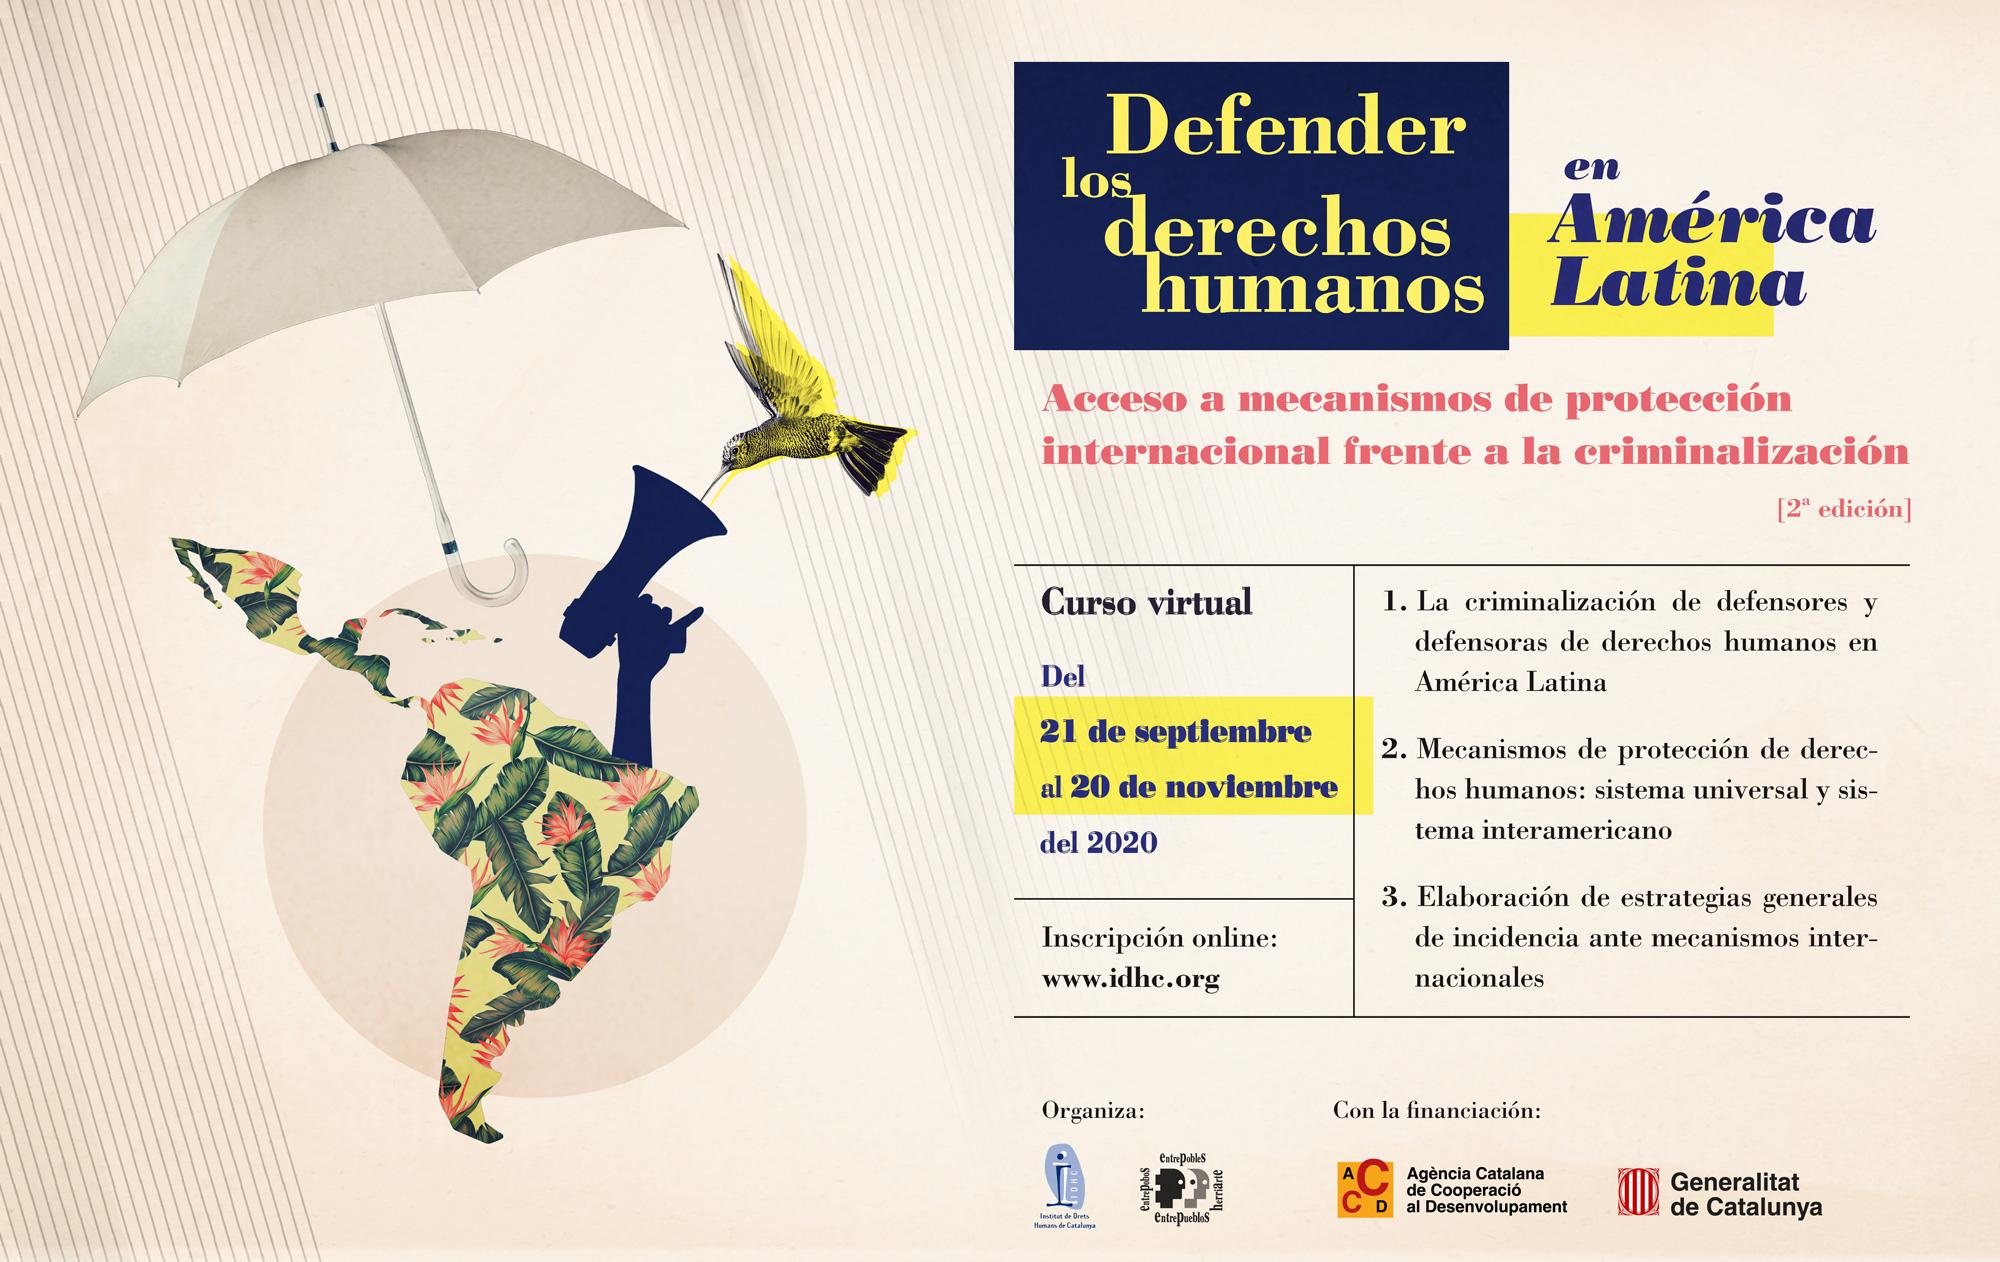 Defensar els drets humans a Amèrica Llatina: accés a mecanismes de protecció internacional enfront de la criminalització (2a edició)